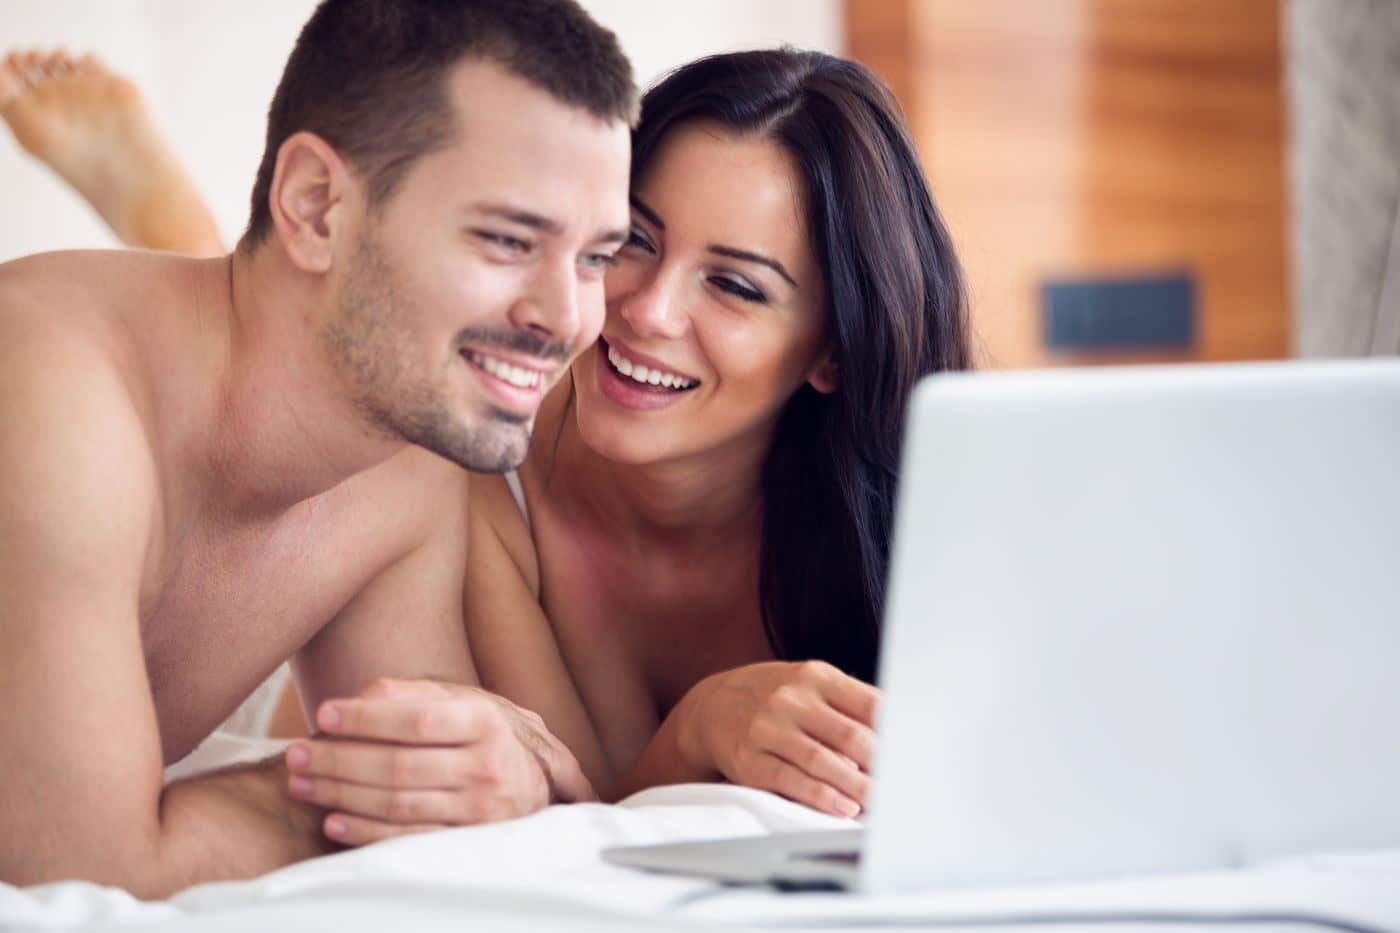 Trends beim Porno Konsum: Frauen lieben Pornos?  Trends beim Porno Konsum